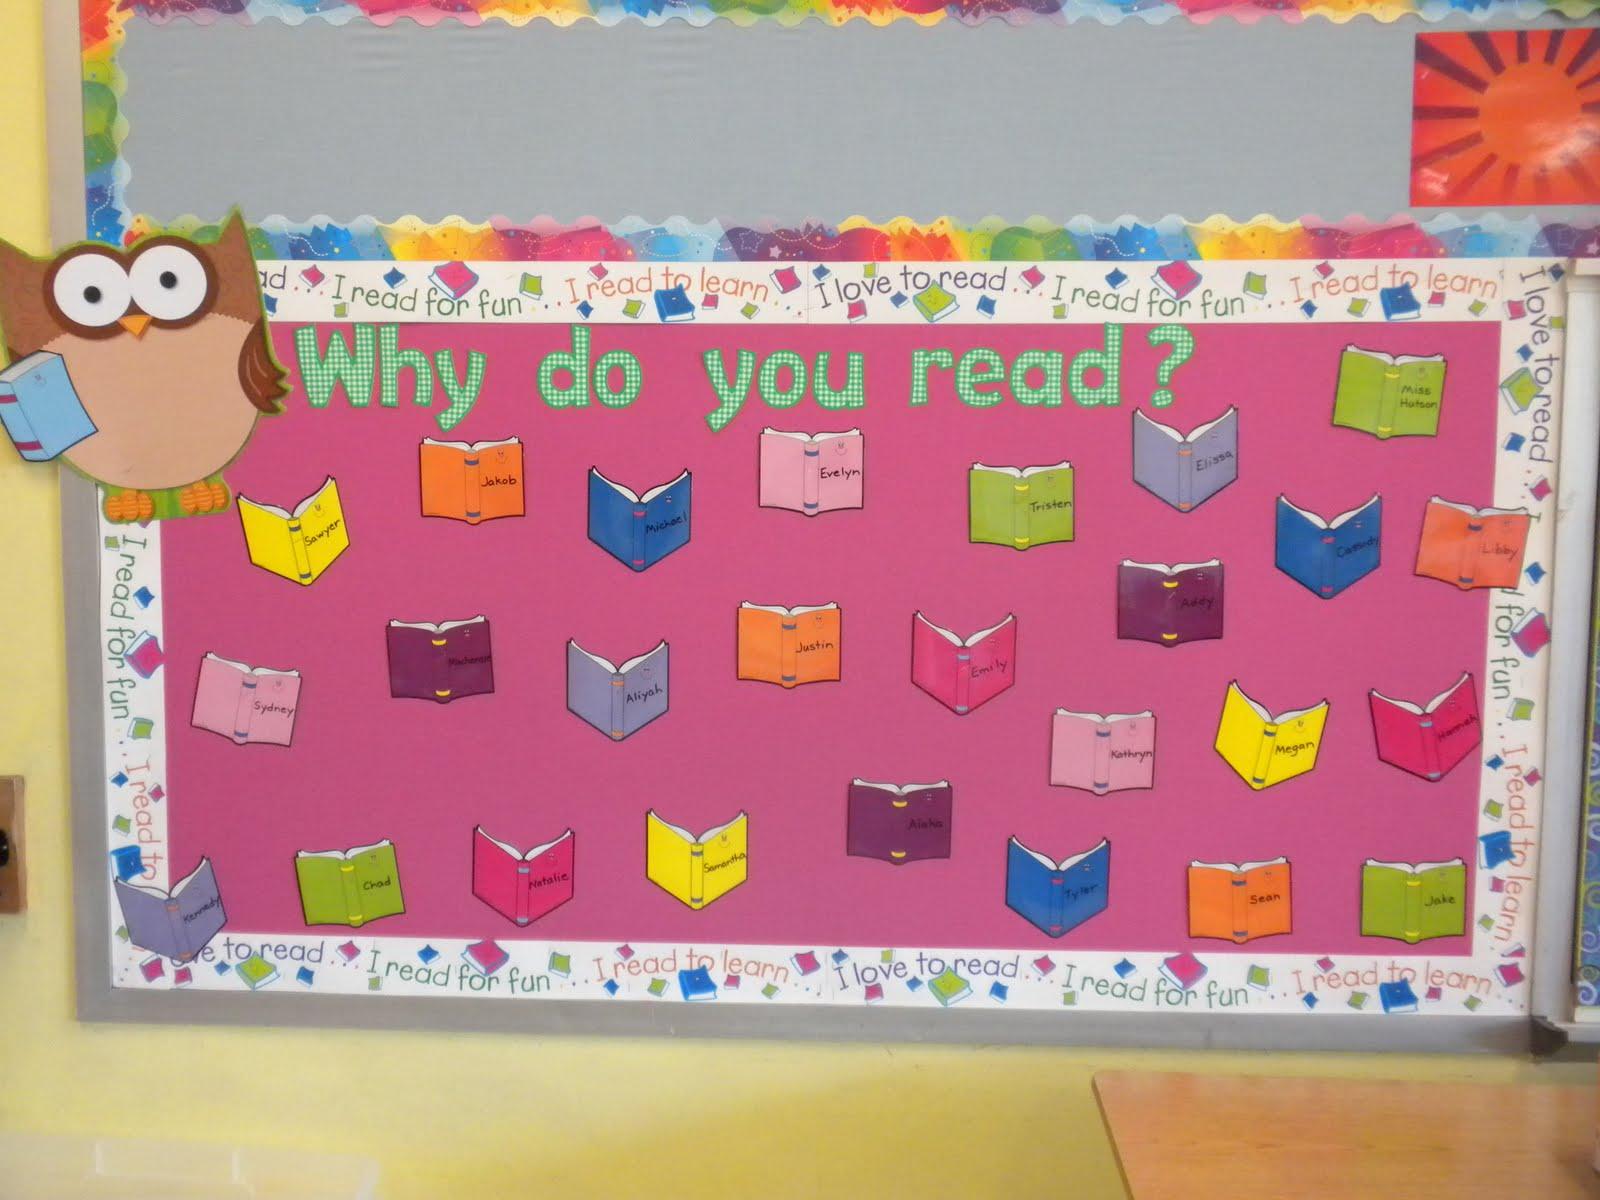 Bulletin Board Ideas In Classroom ~ Reading bulletin board ideas for winter